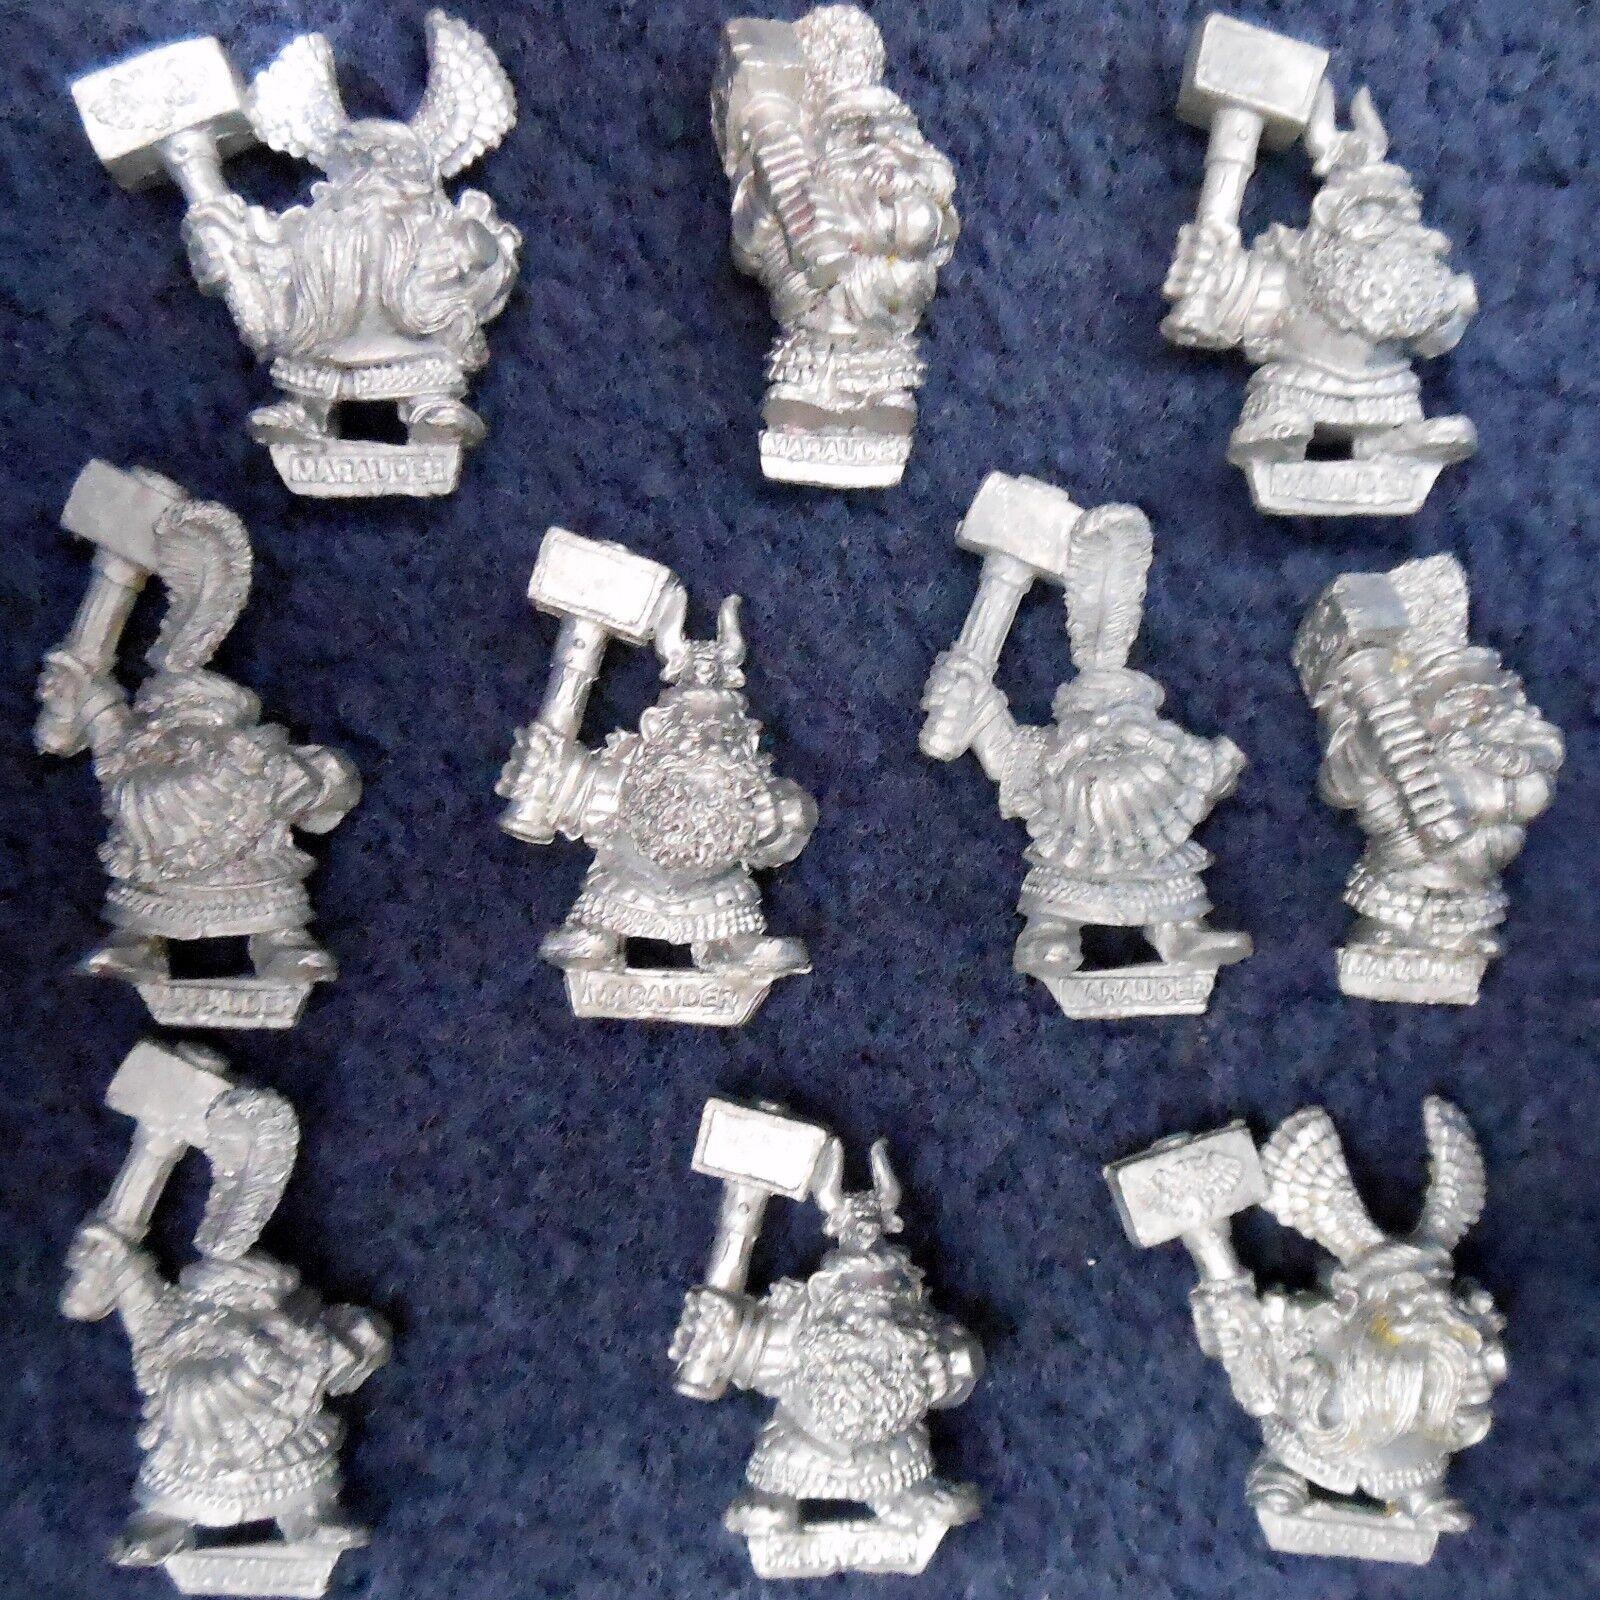 1990 marer dwarf MM16 hammerer x10 nains warhammer armée citadelle ad&d aos gw